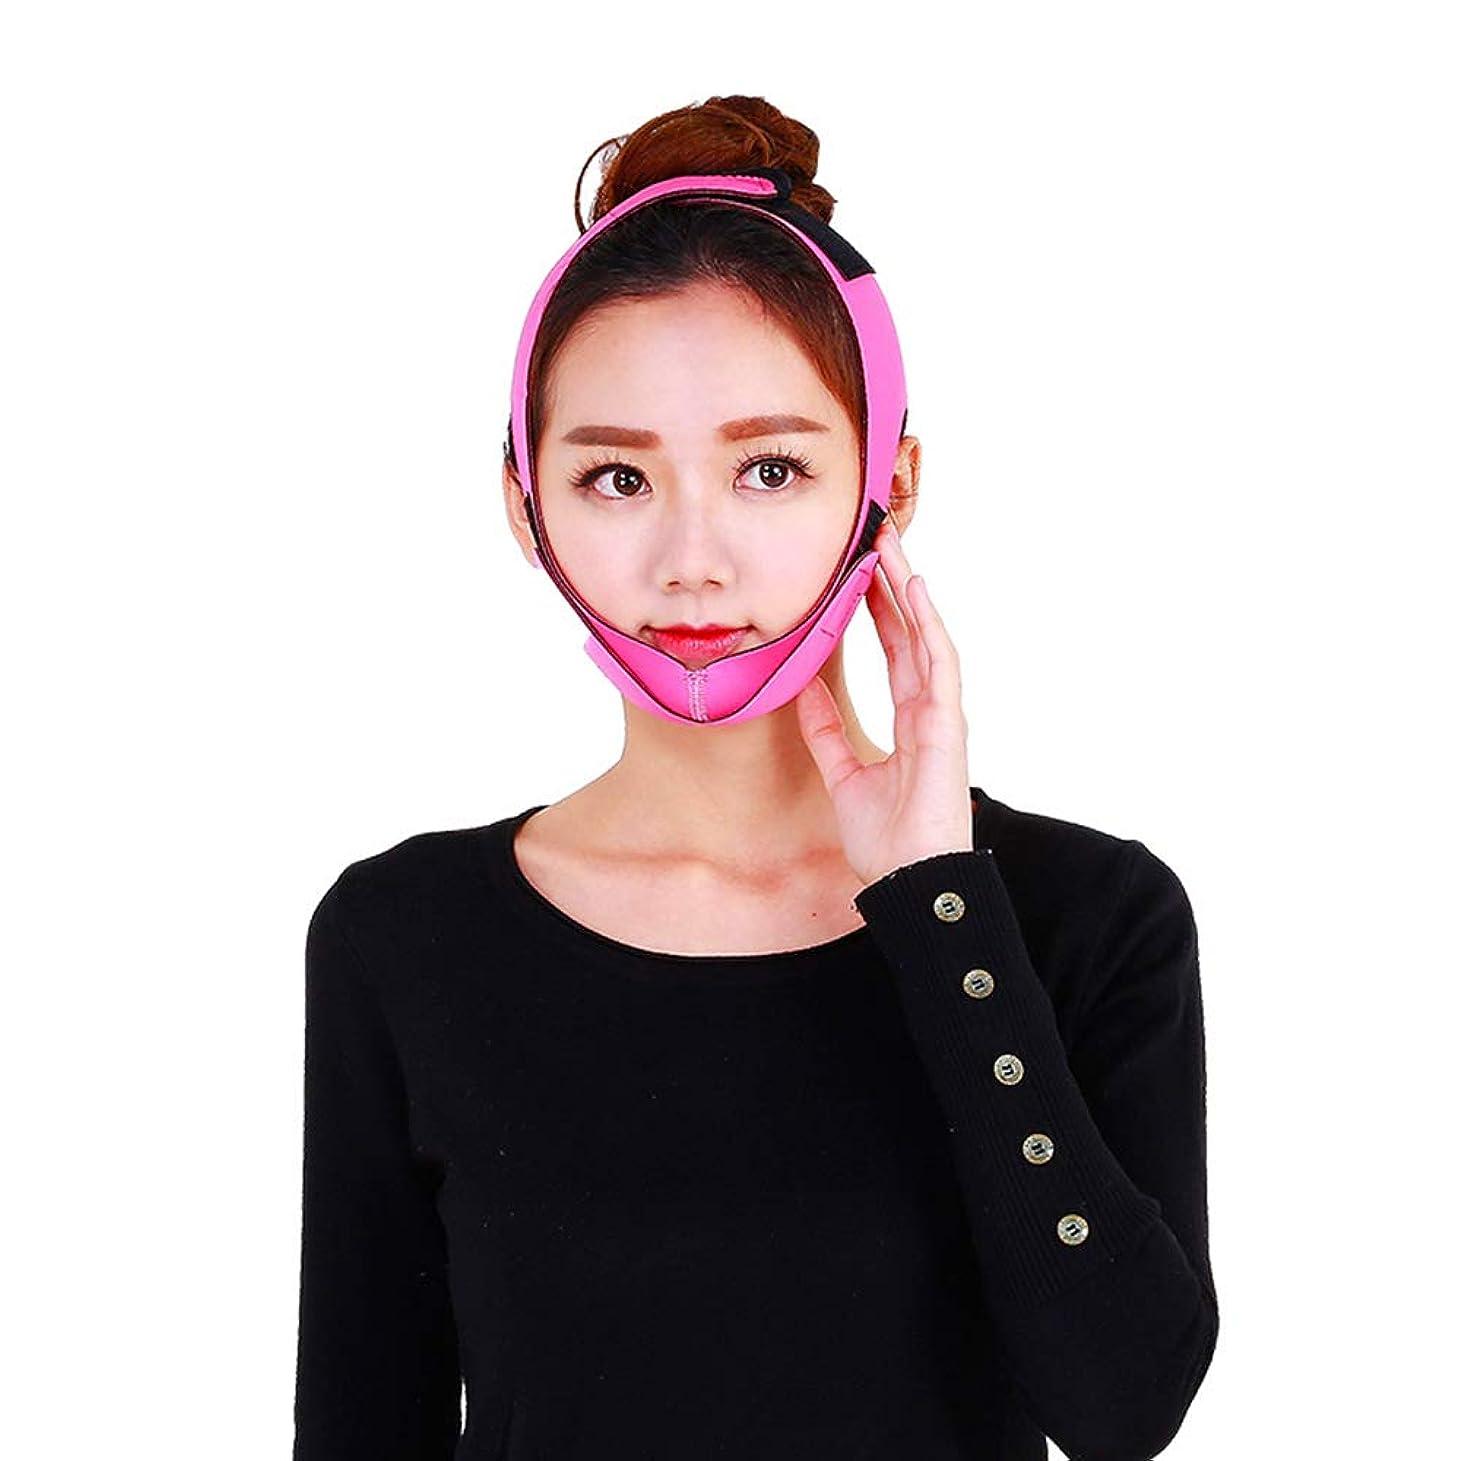 義務づける資産イブニングJia Jia- 顔の持ち上がる痩身ベルト - 薄い顔包帯二重あごのデバイス無料の顔のマッサージ整形マスクが顔と首を締めます 顔面包帯